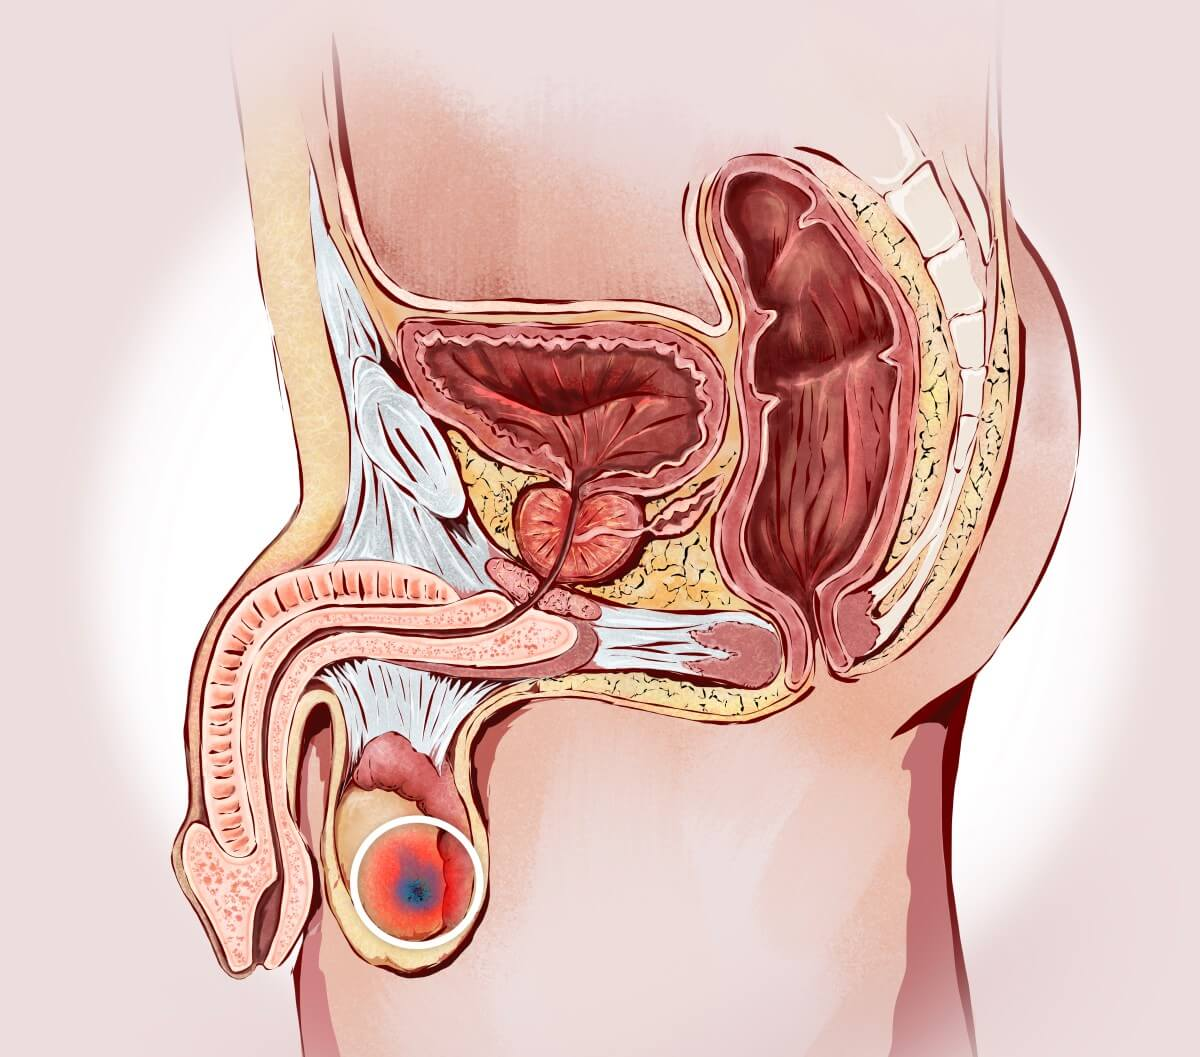 Lage der Hoden im menschlichen Körper